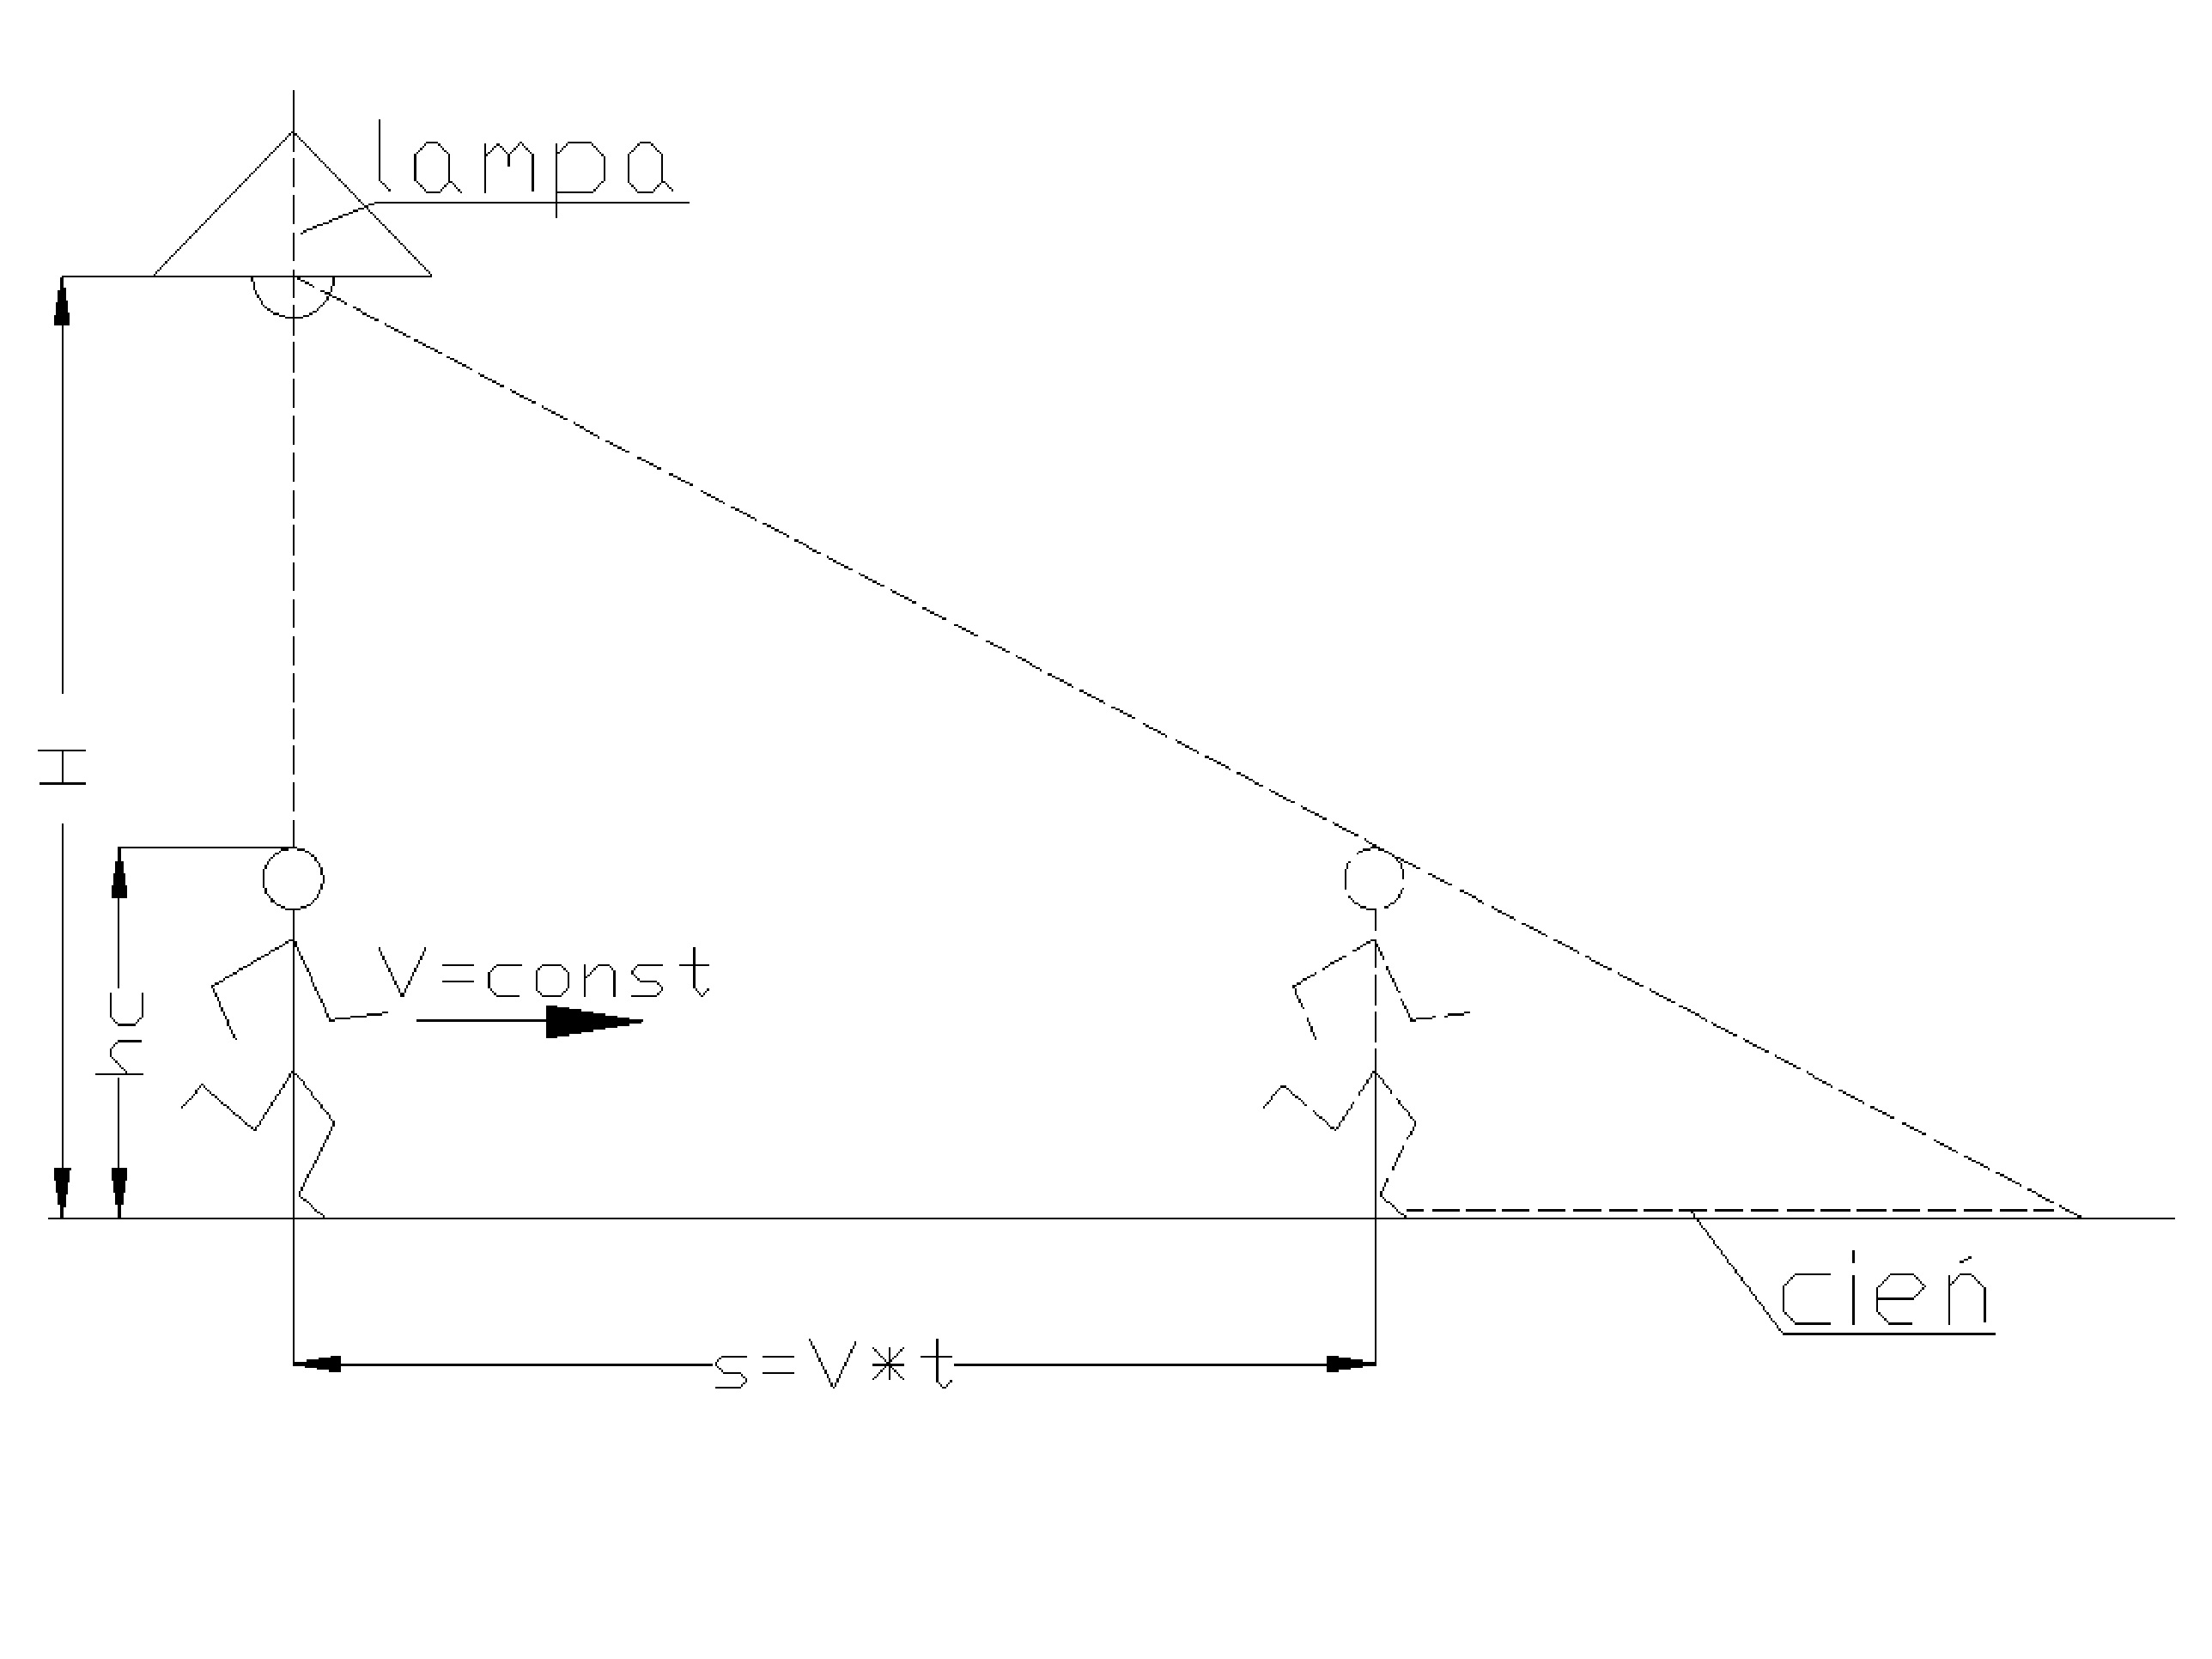 kinematyka5 - Prędkość w ruchu jednostajnym - kinematyka - zadanie 17